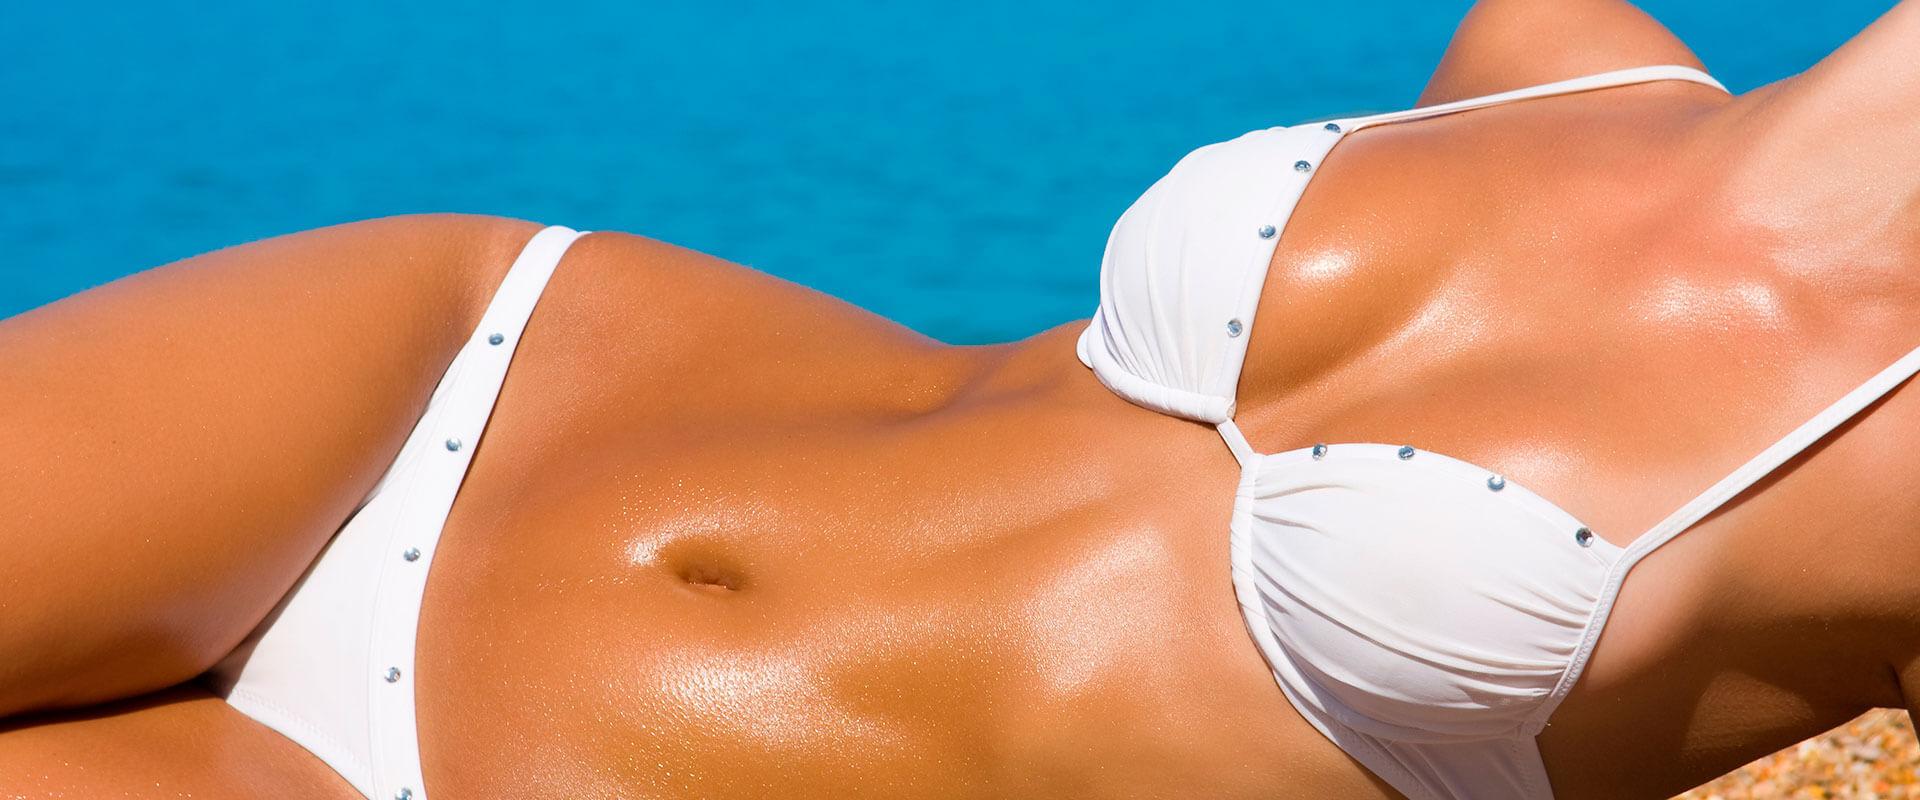 Mujer con abdomen plano, recostada en la playa gracias al uso de Gravity ABS, aparato de ejercicio.